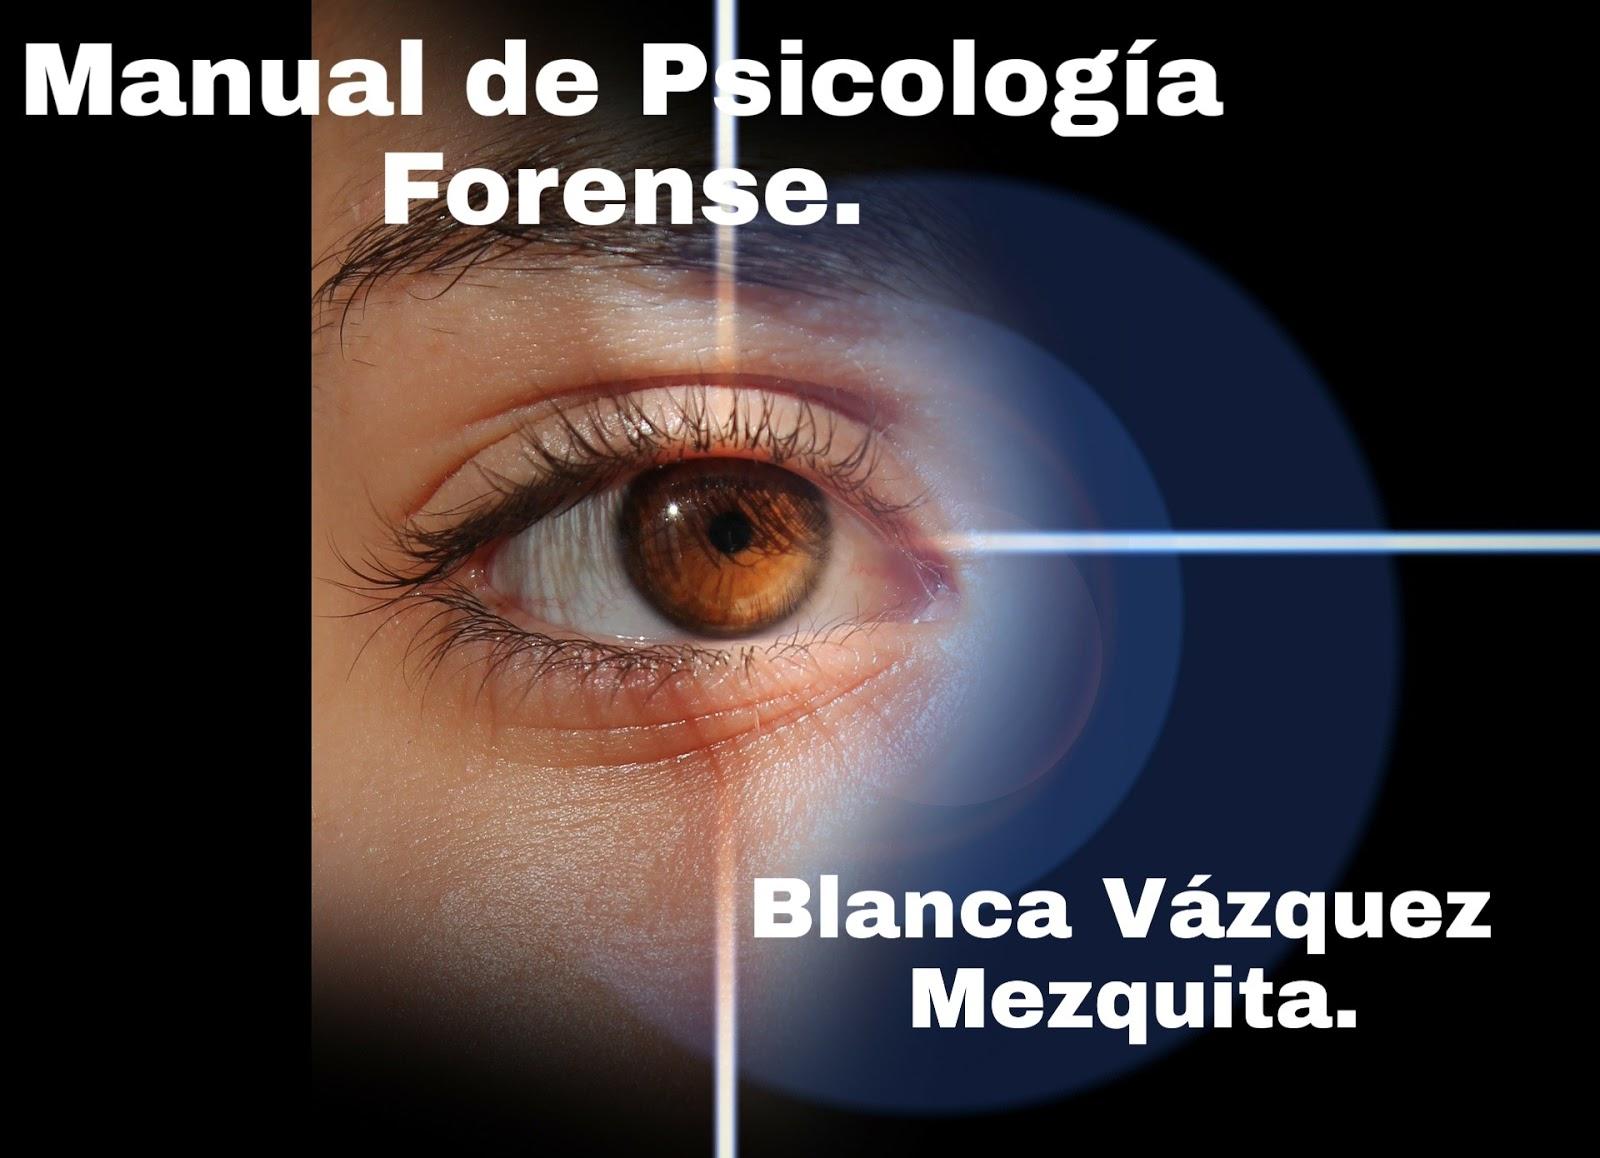 Manual de Psicología forense de Blanca Vazquez. PDF